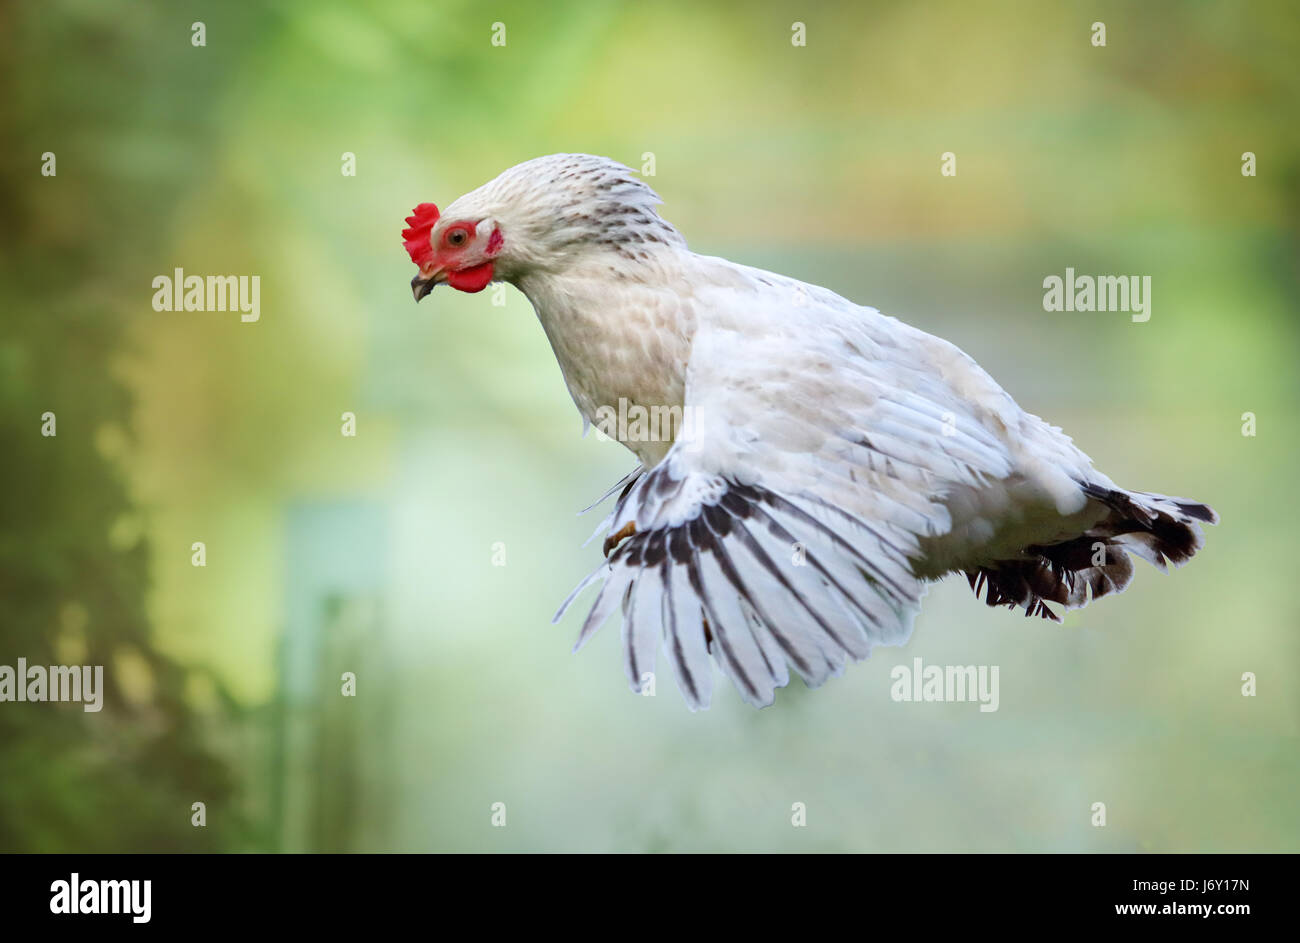 Pollo volando en la naturaleza, gallina Fotografía de stock - Alamy